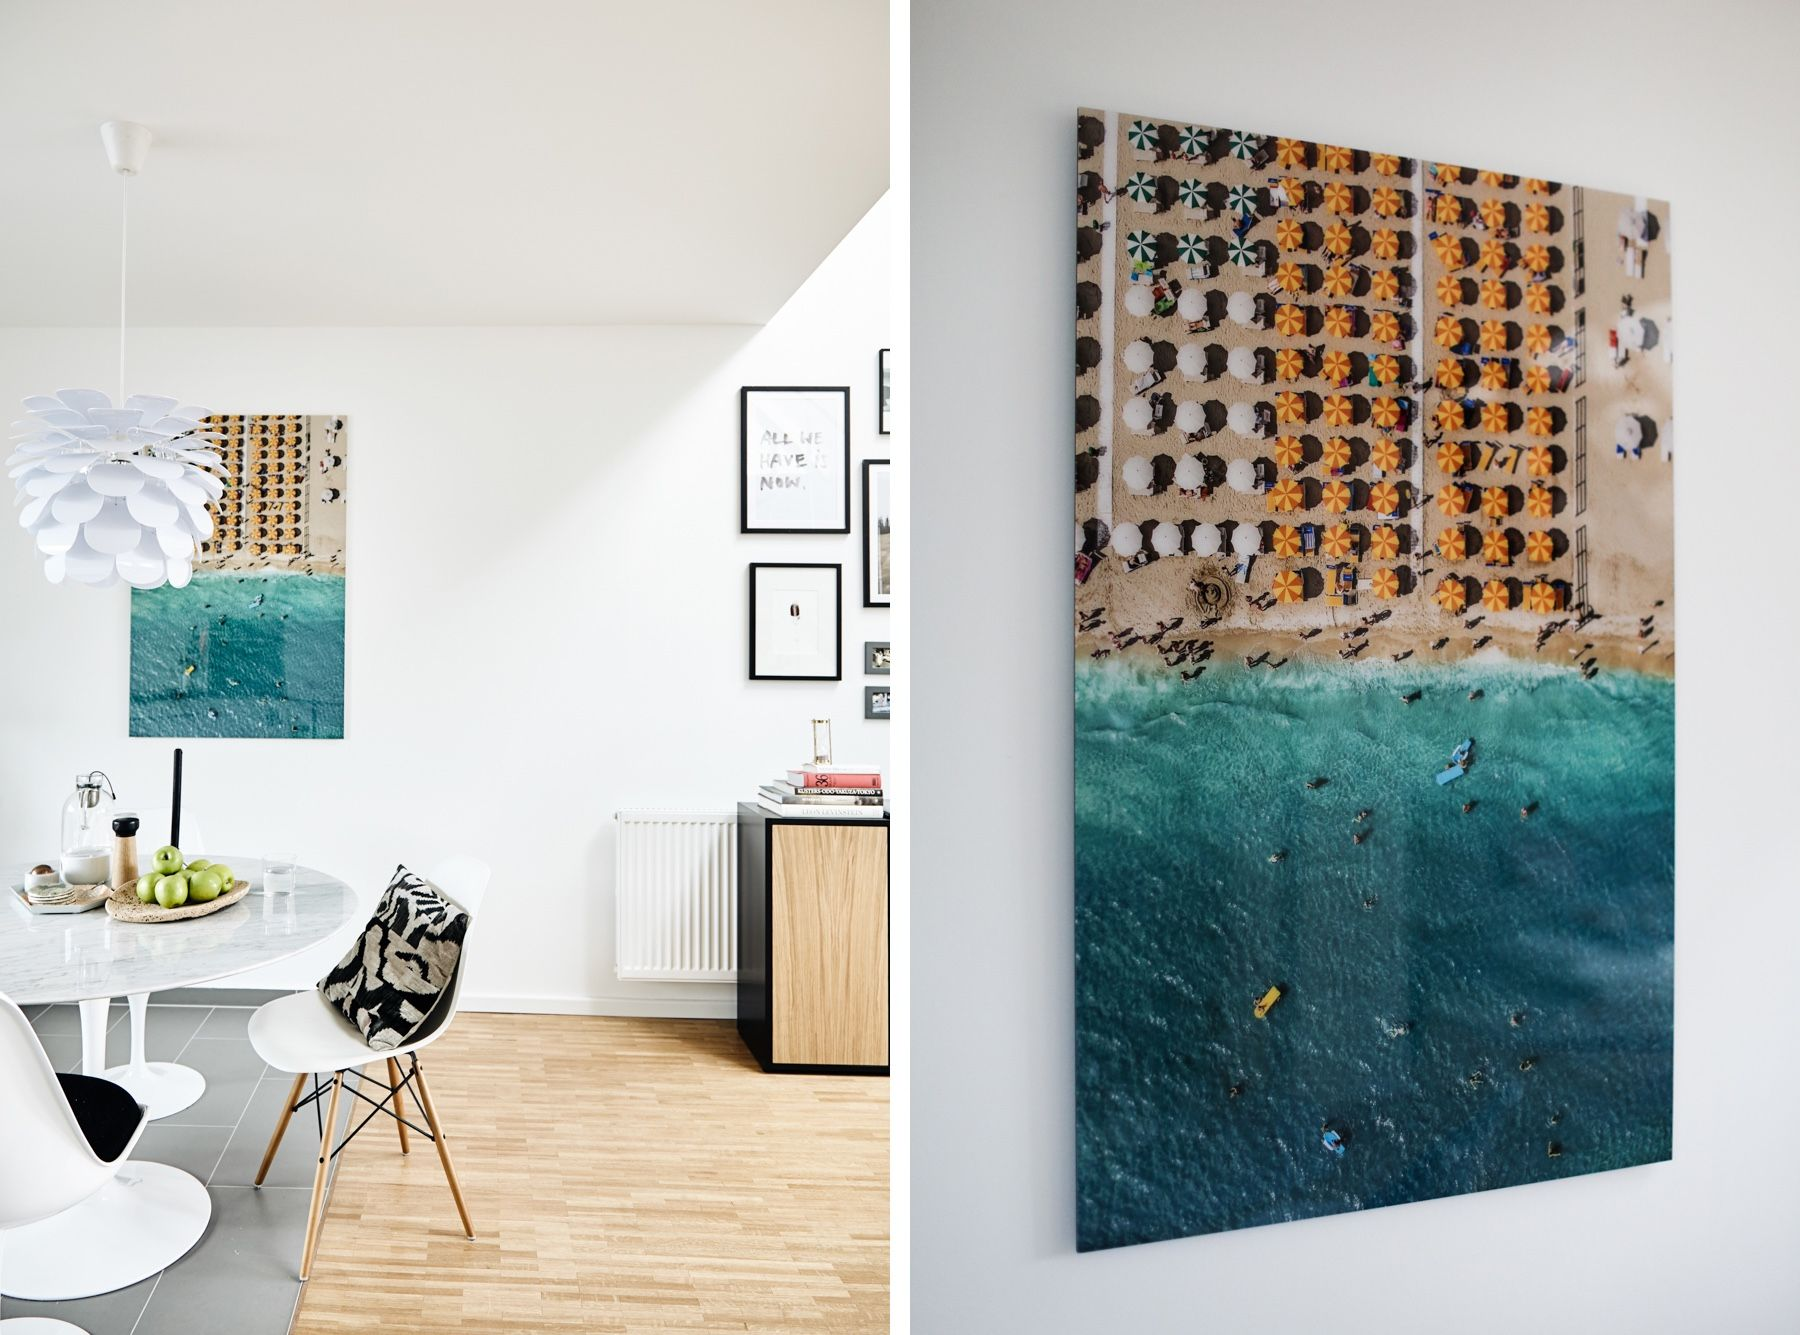 Wohnen Inspiration style shiver interior inspiration wohnen die neue maisonettewohnung